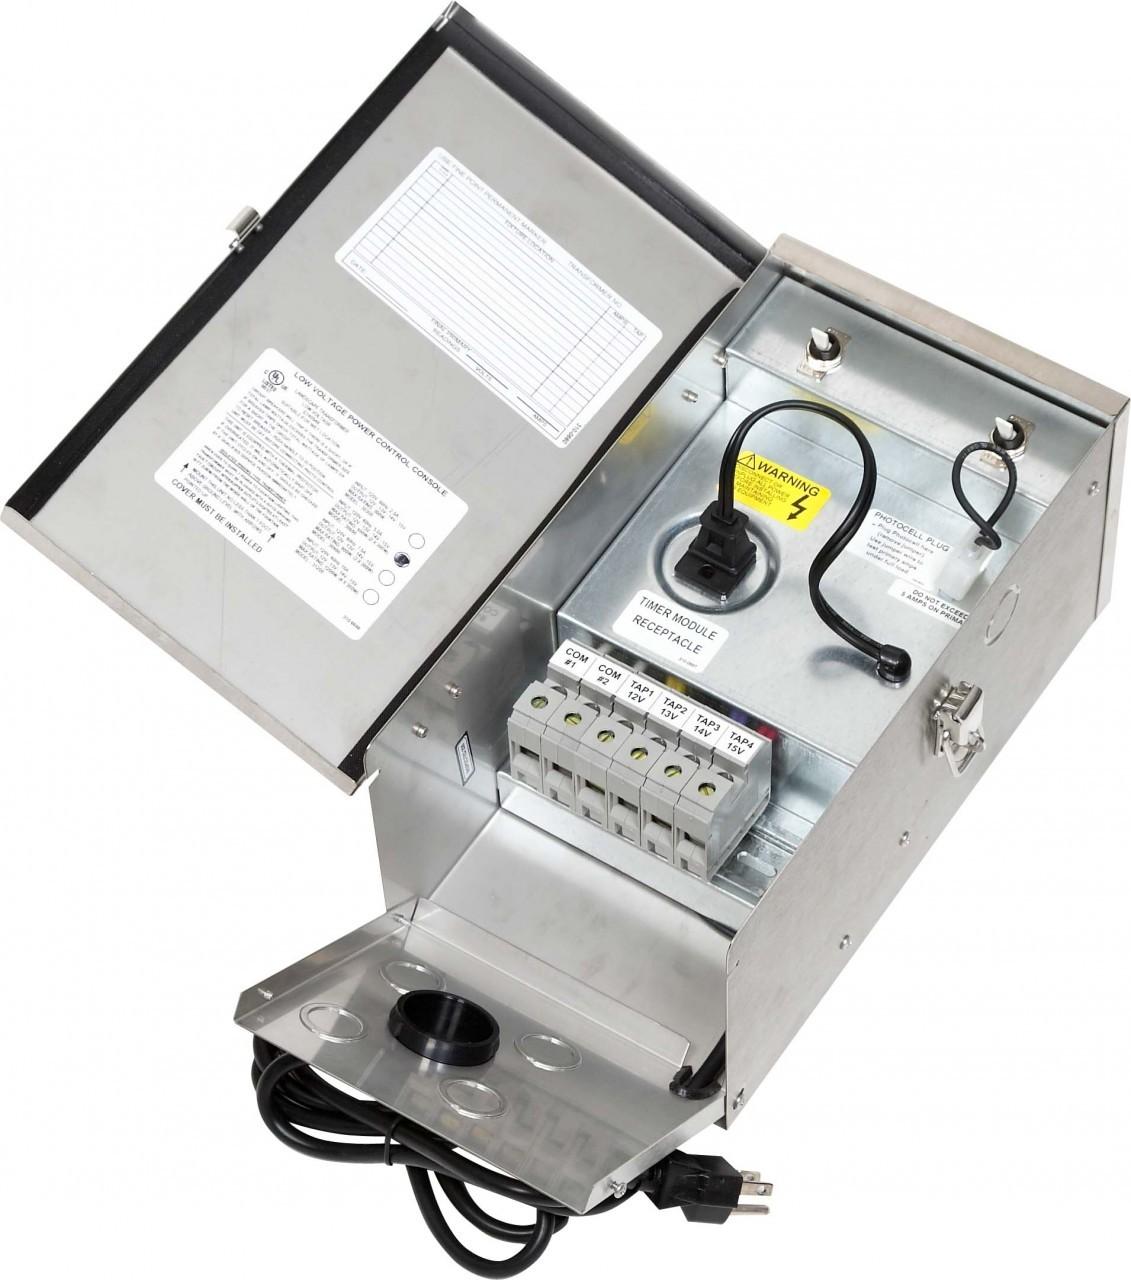 low voltage transformer wiring diagram commando remote start sebco 32